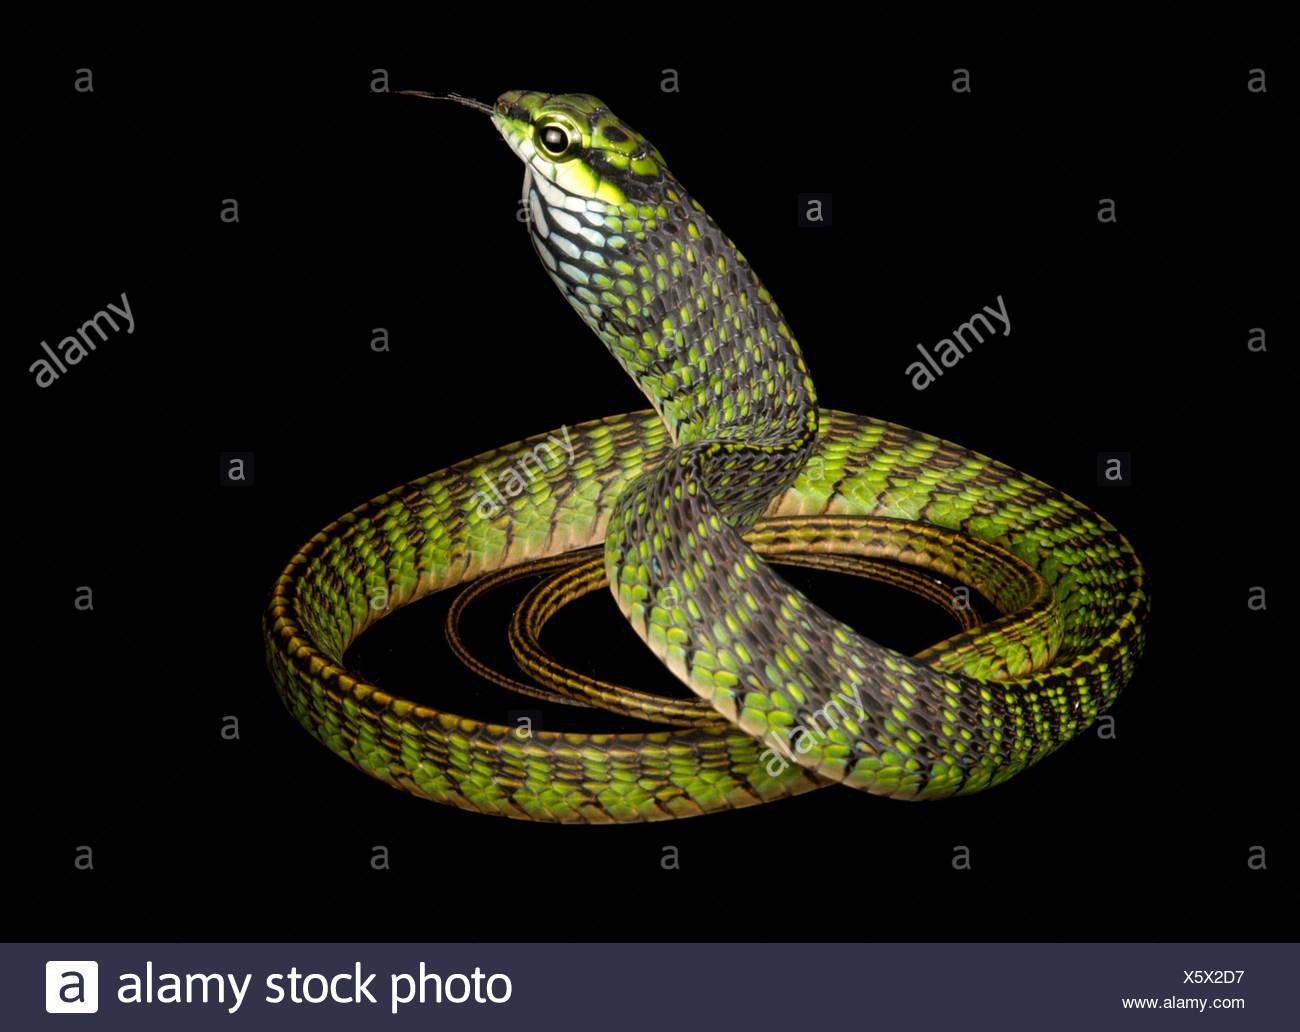 Eine große Augen grüne Baumschlange, Rhamnophis Aethiopissa. Stockfoto